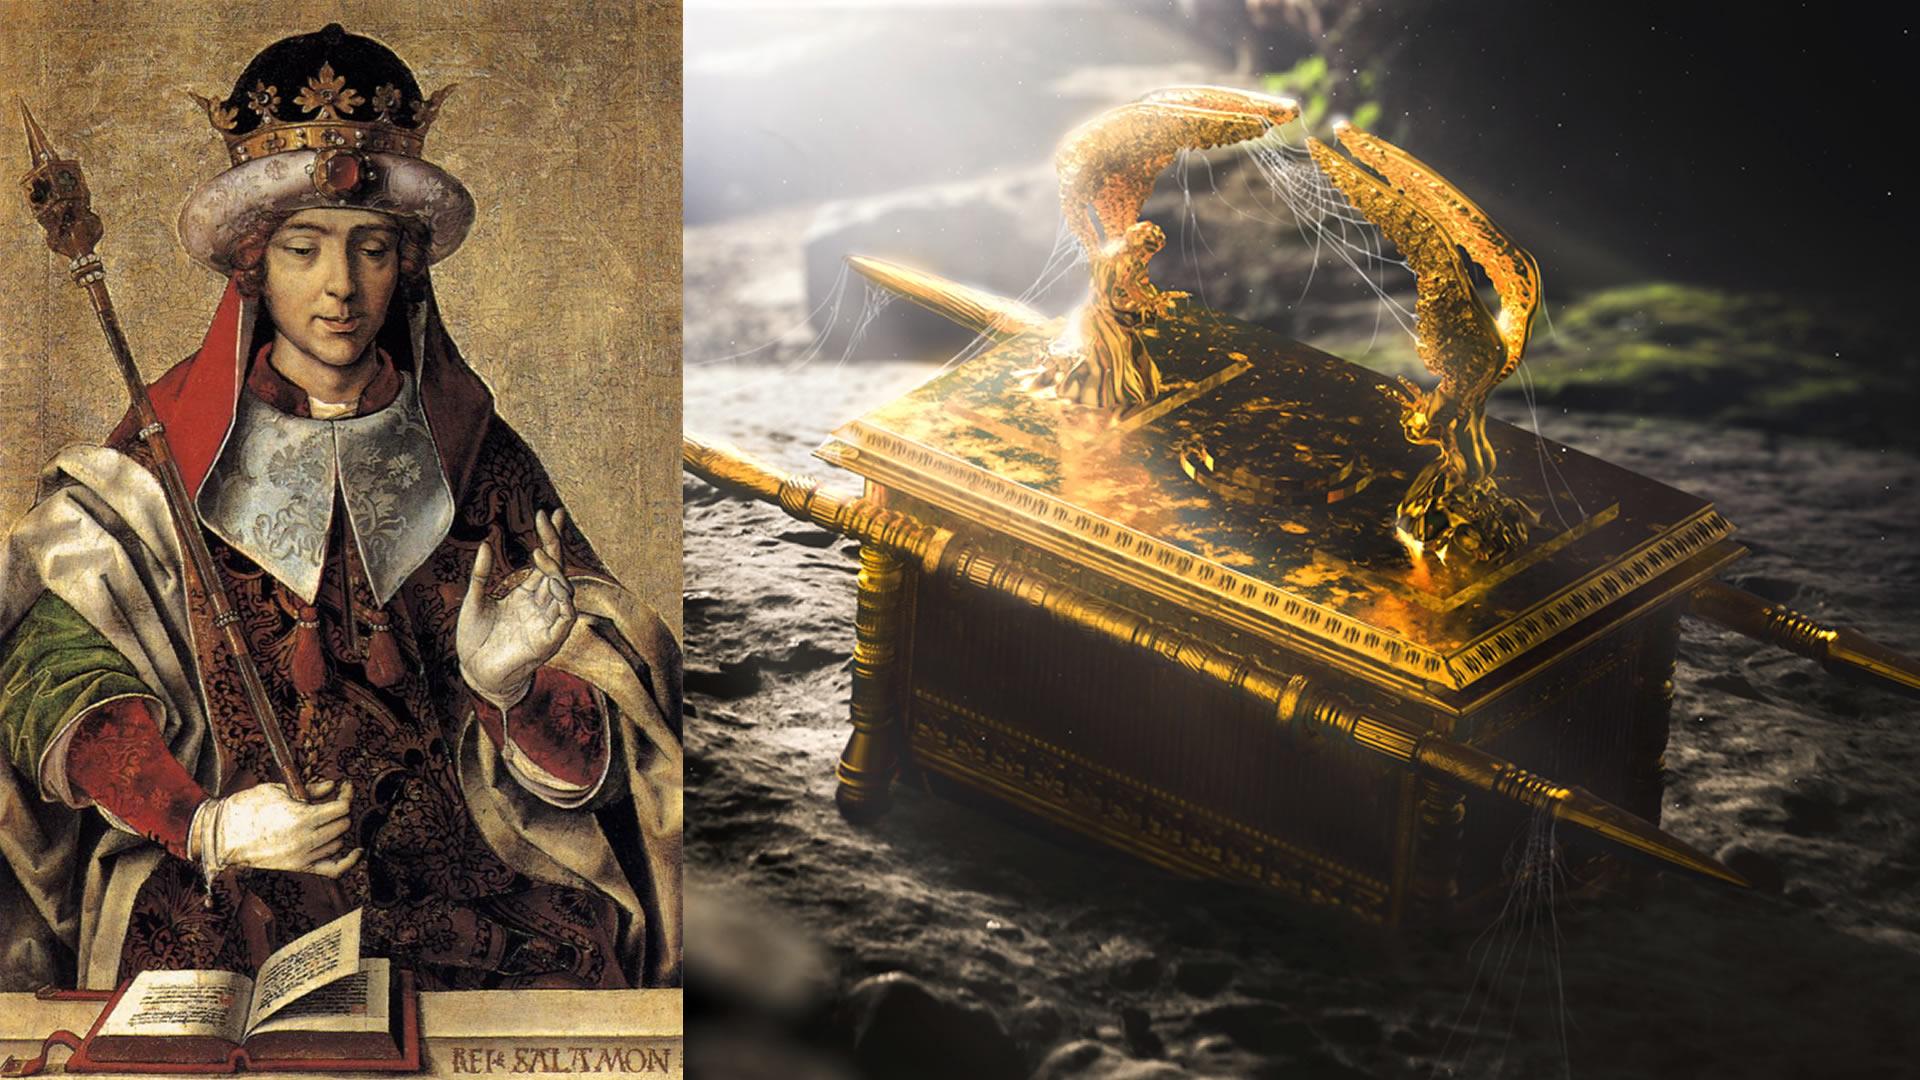 Los Objetos Mágicos del Rey Salomón (VÍDEO)